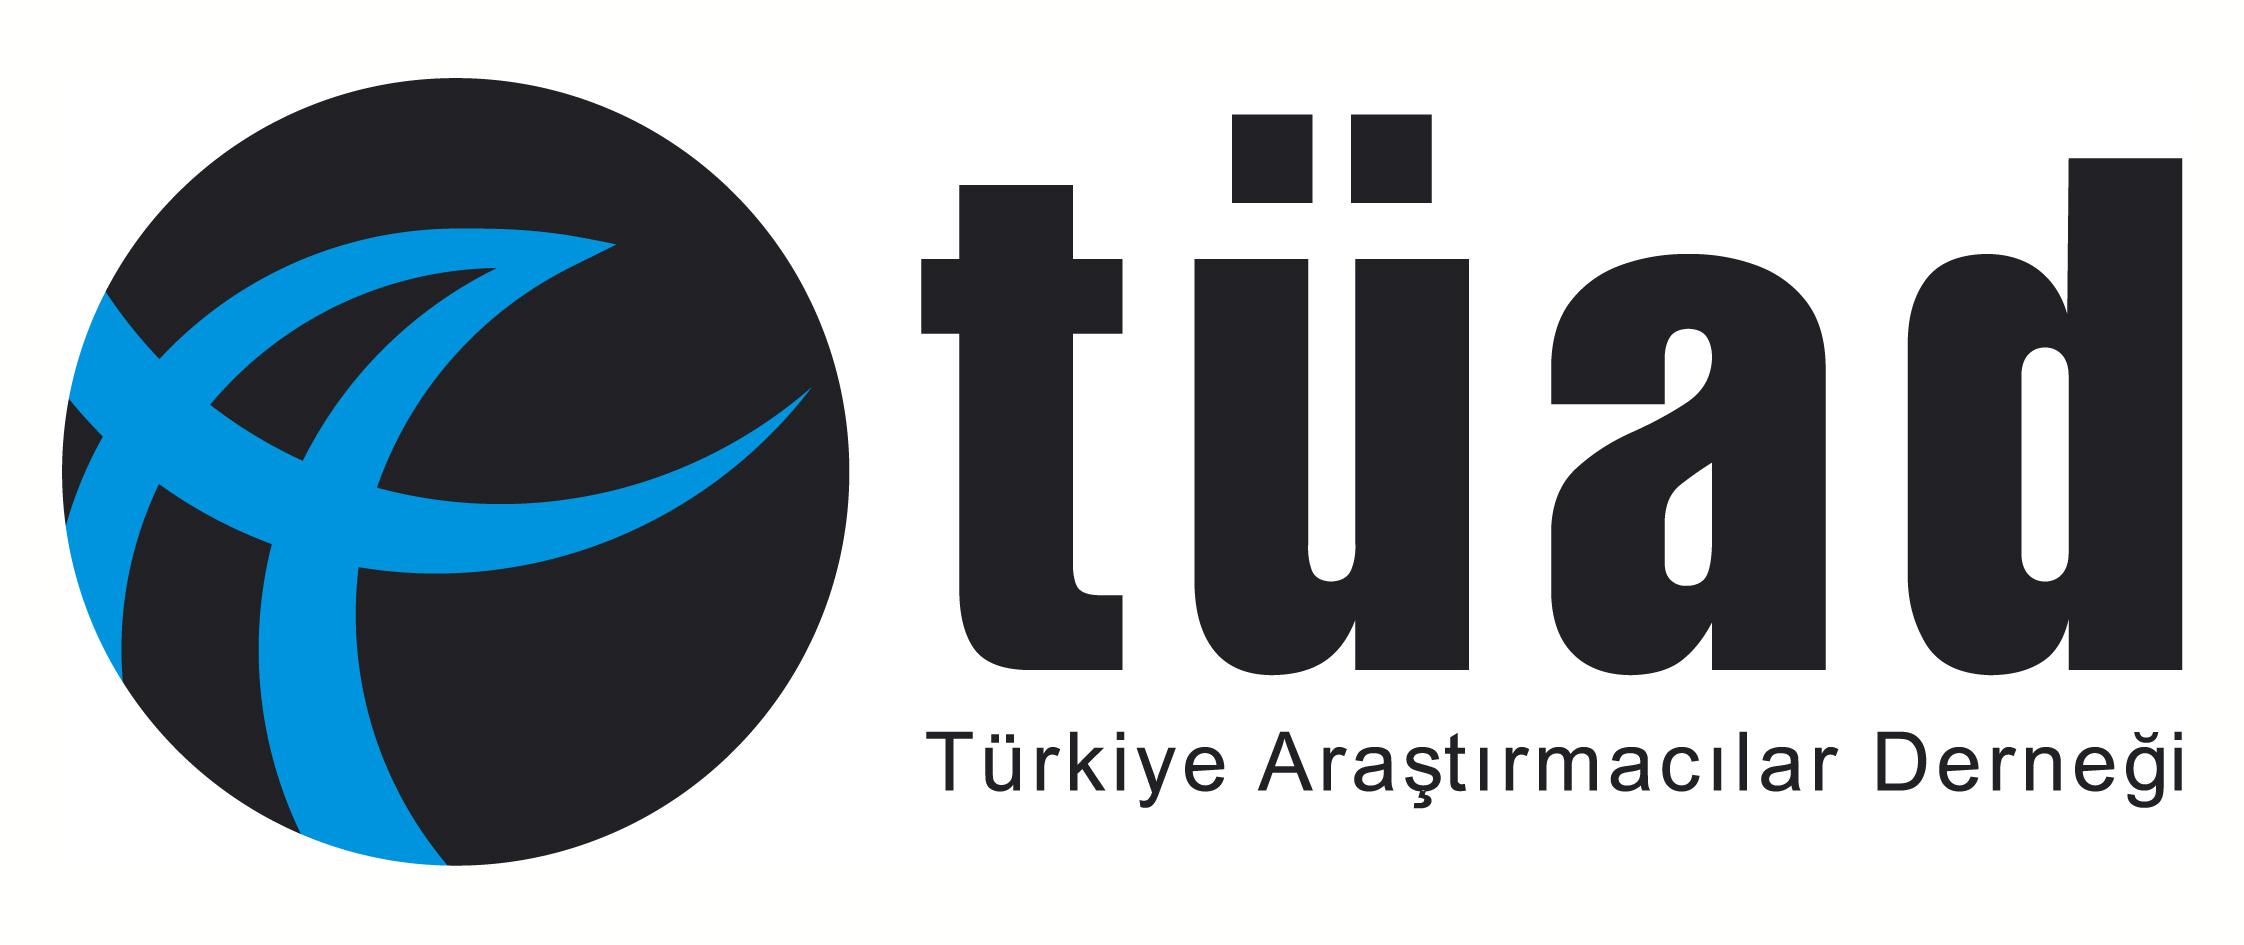 TÜAD'dan Açıklama: Araştırma Sektörünün İtibarını Korumakta Kararlıyız!